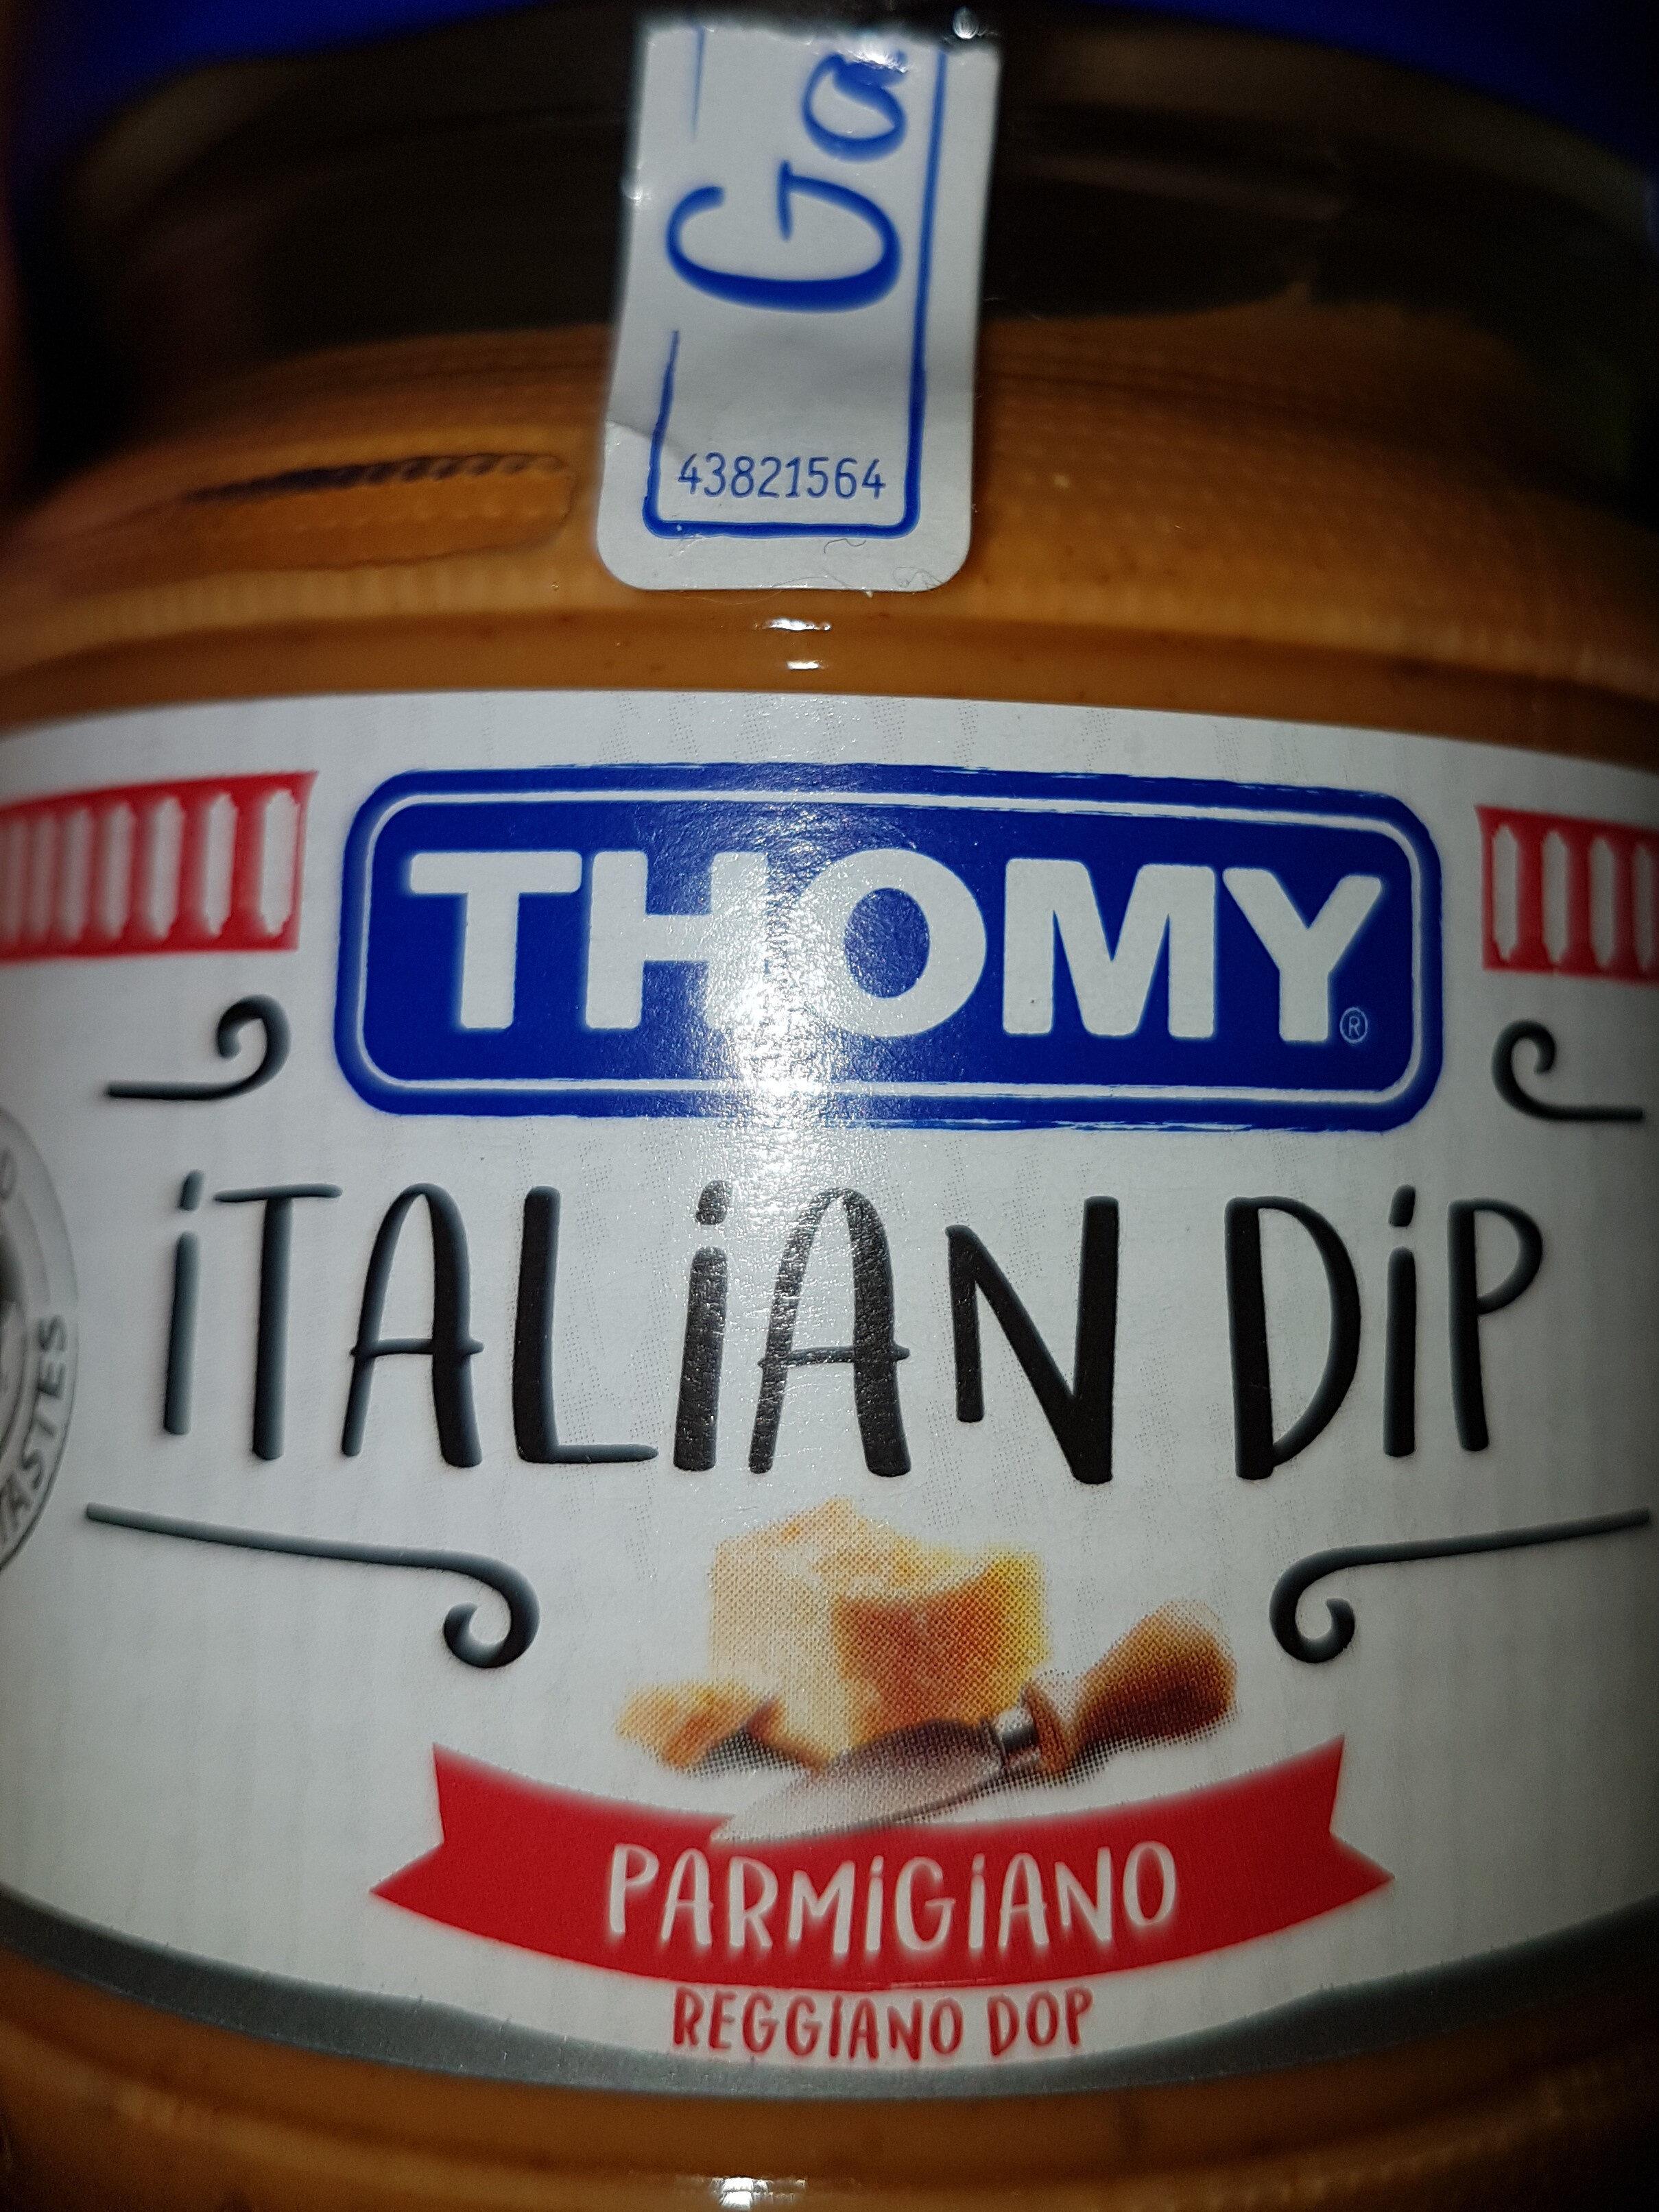 italia dip - Prodotto - fr